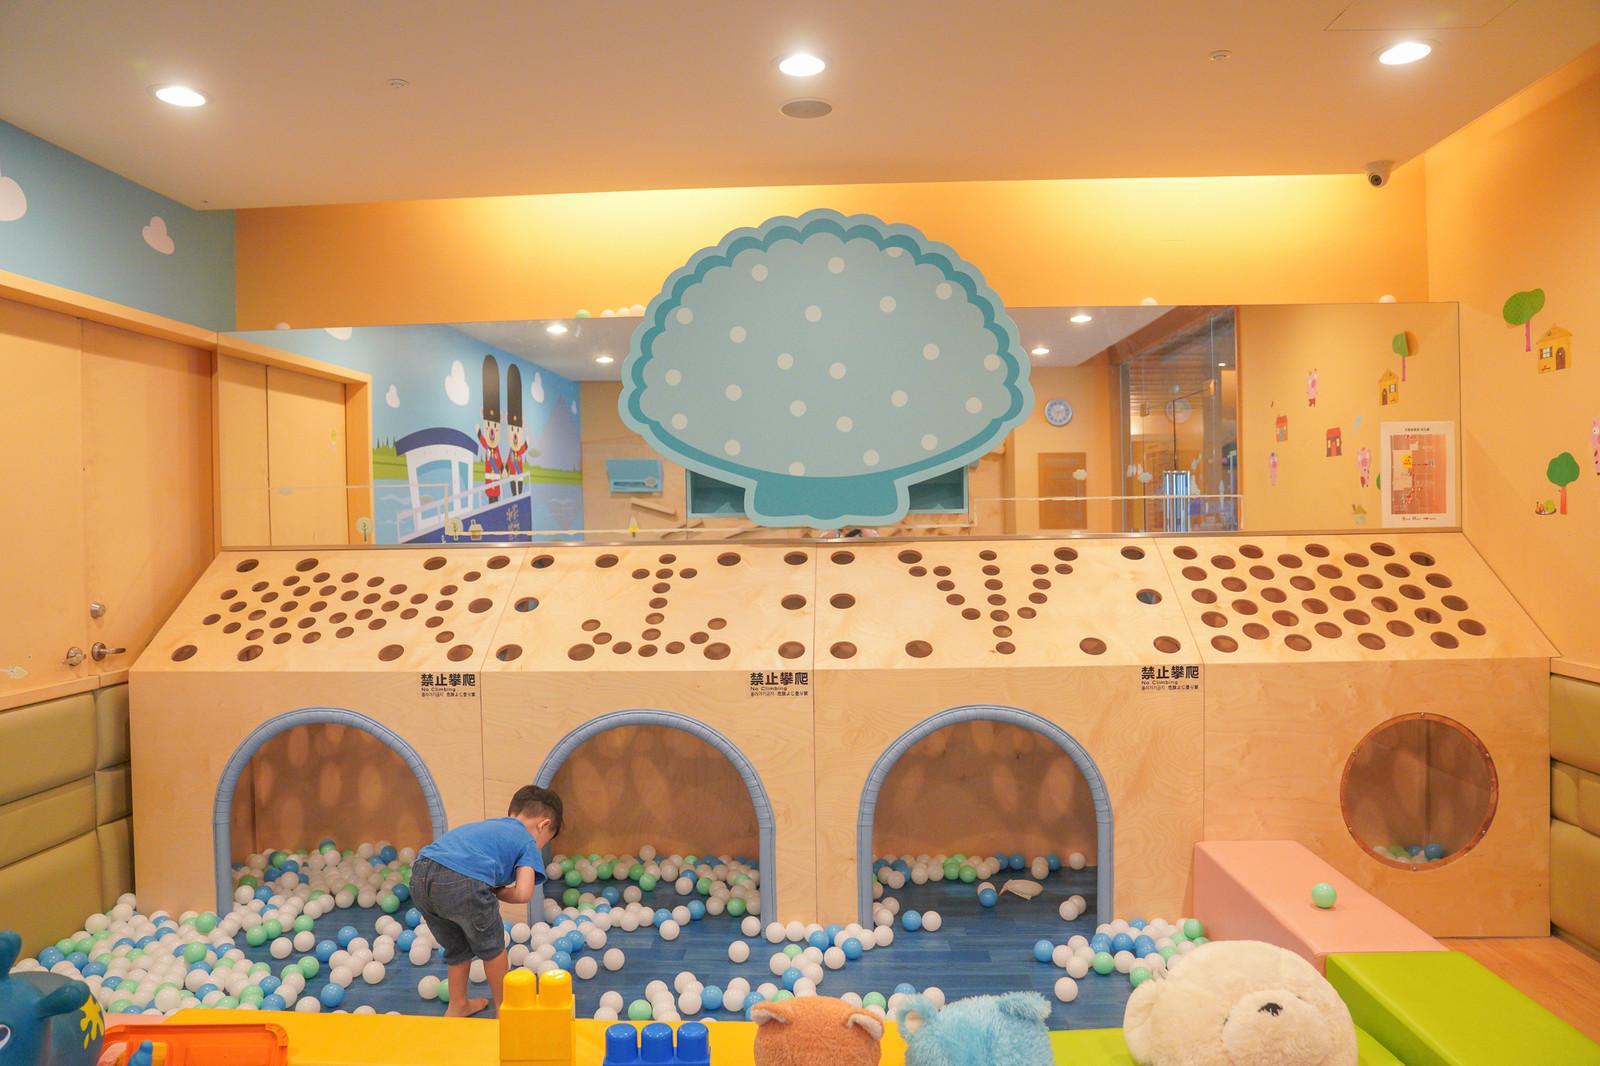 淡水親子飯店 》淡水福容大飯店:淡水阿熊主題房,房間內就可以玩水,淡水阿熊勇闖歡樂島,住宿優惠更新